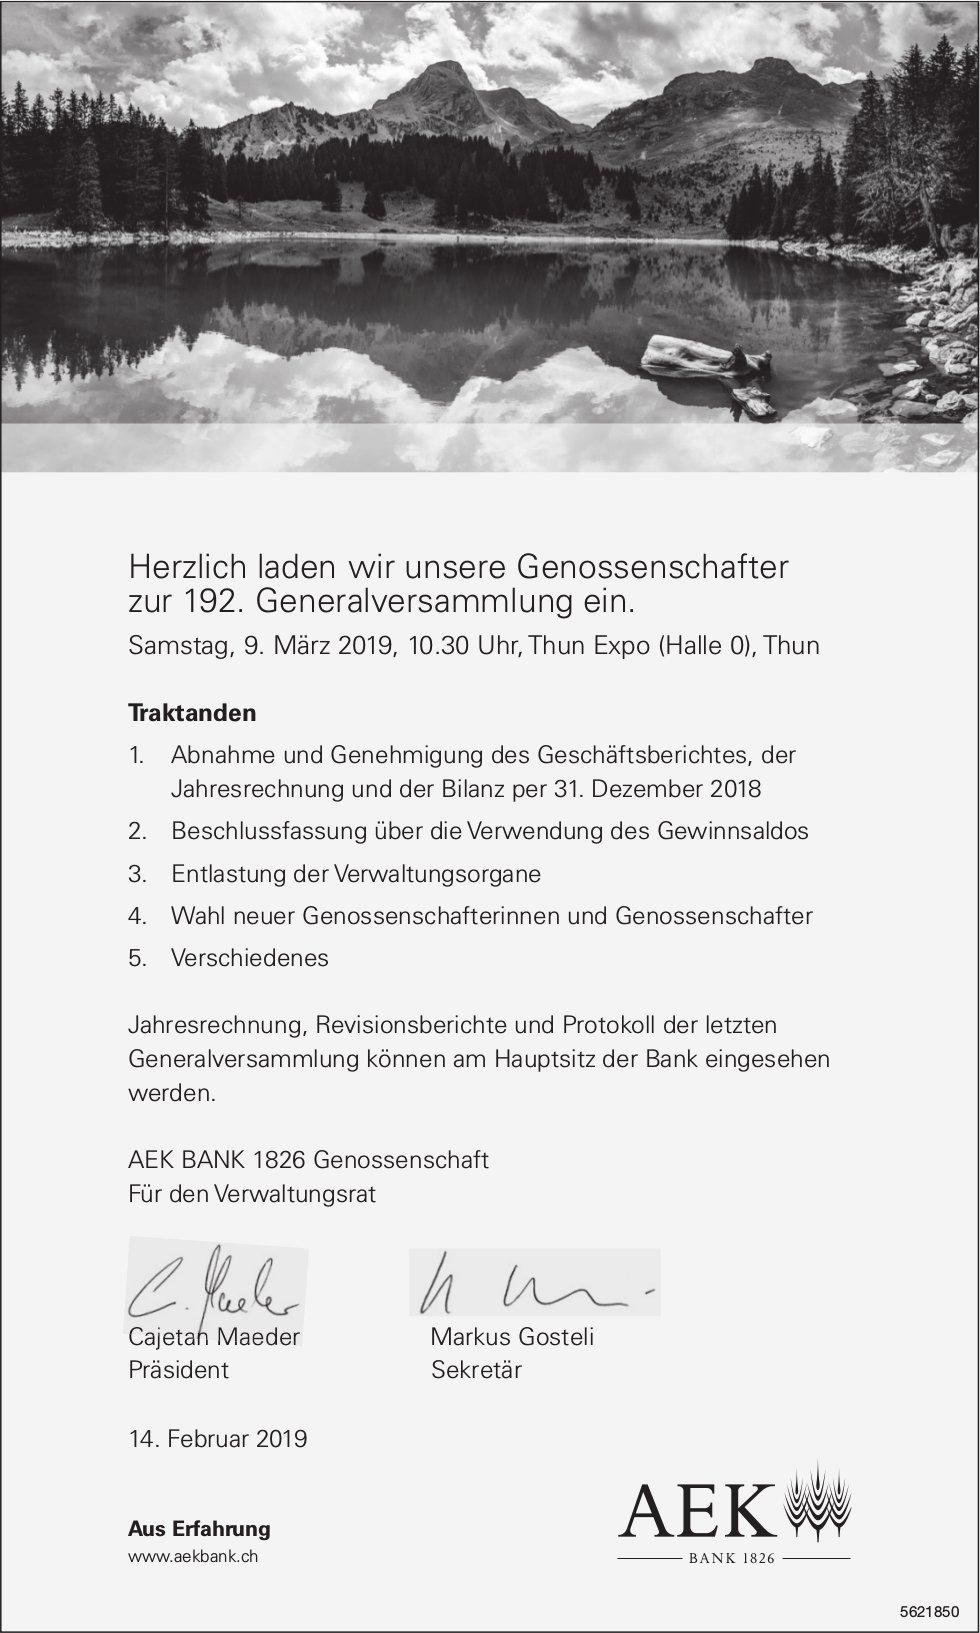 Herzlich laden wir unsere Genossenschafter zur 192. Generalversammlung ein, 9. März, Thun Expo